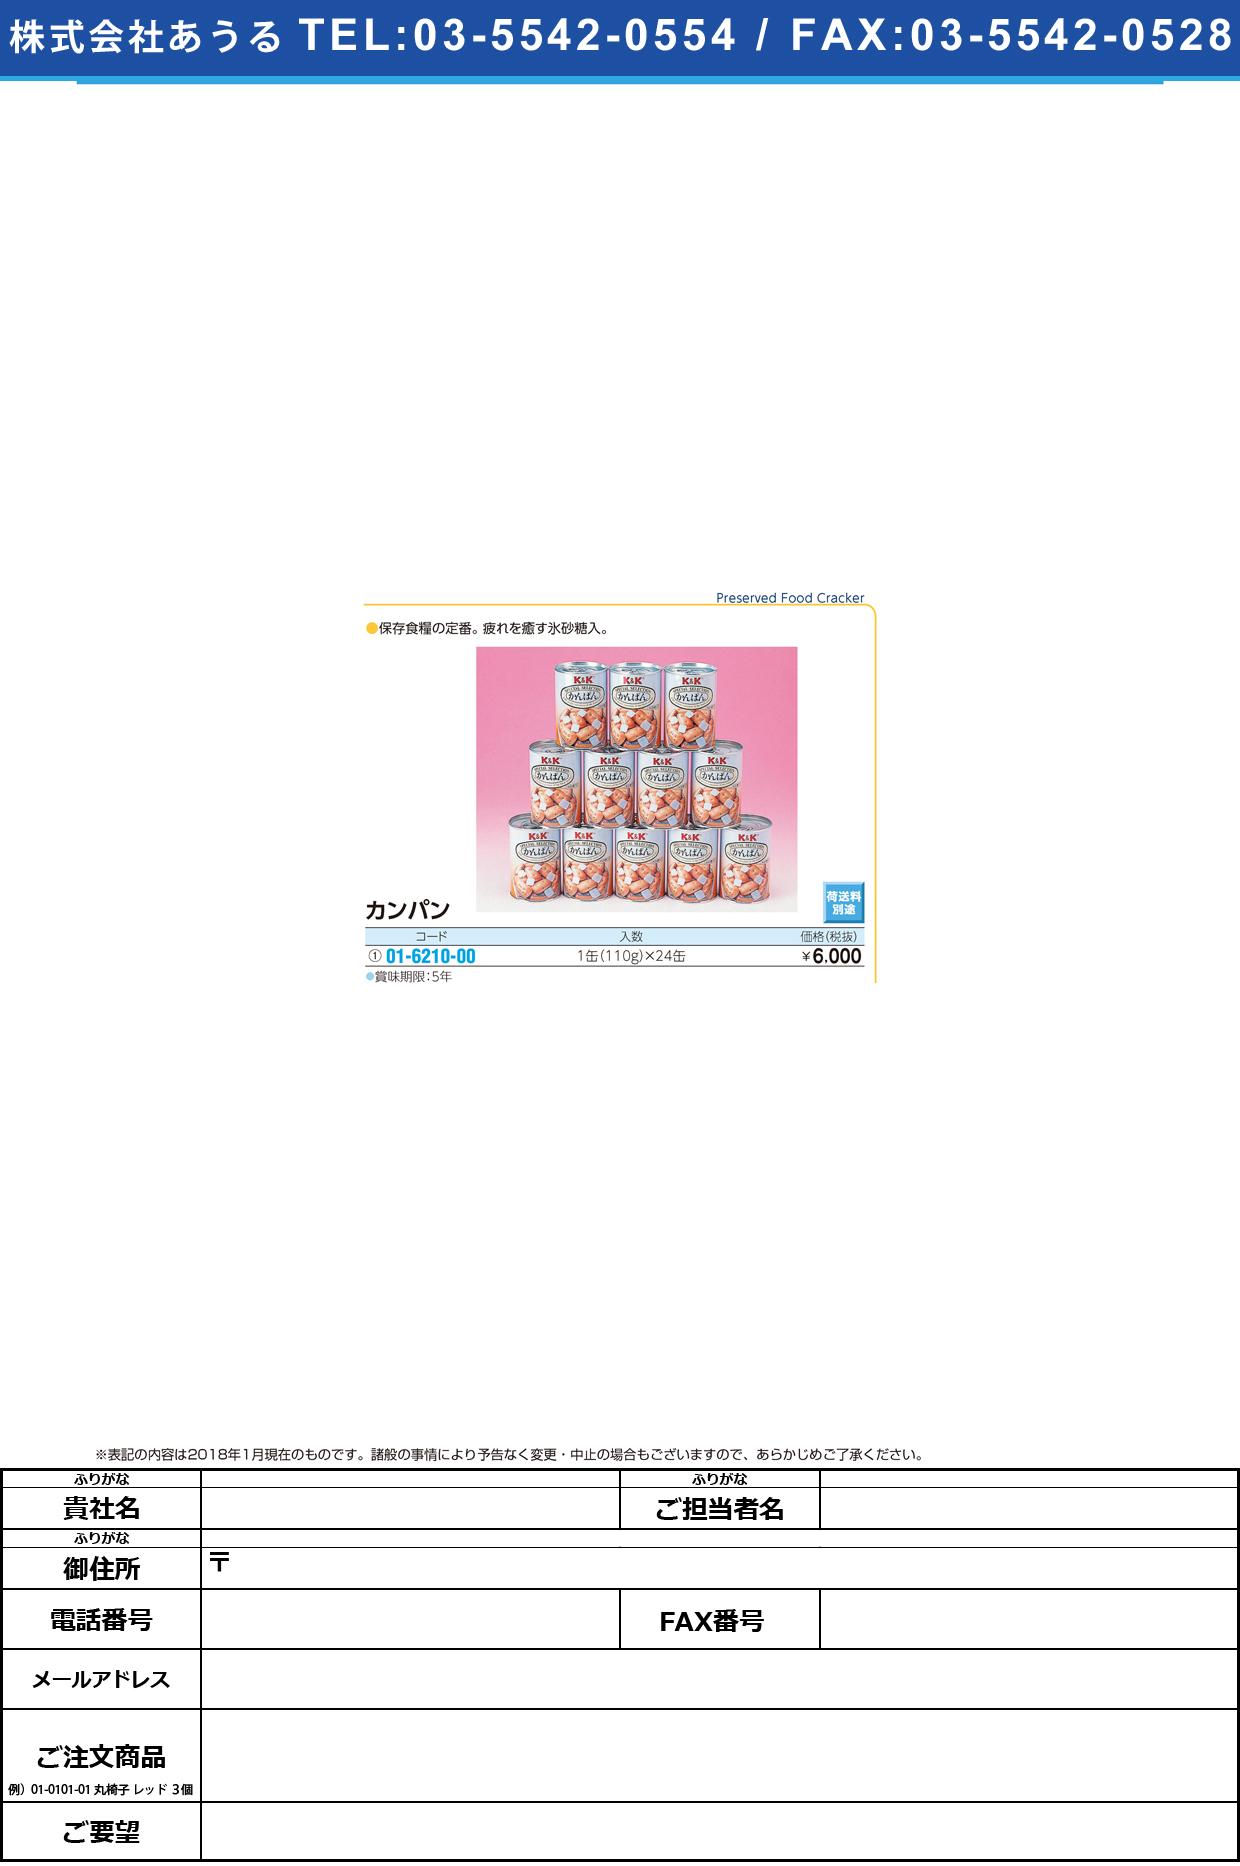 (01-6210-00)カンパン(賞味期限5年) 2024(110GX24カン) カンパン(ショウミキゲン5ネン)【1箱単位】【2018年カタログ商品】